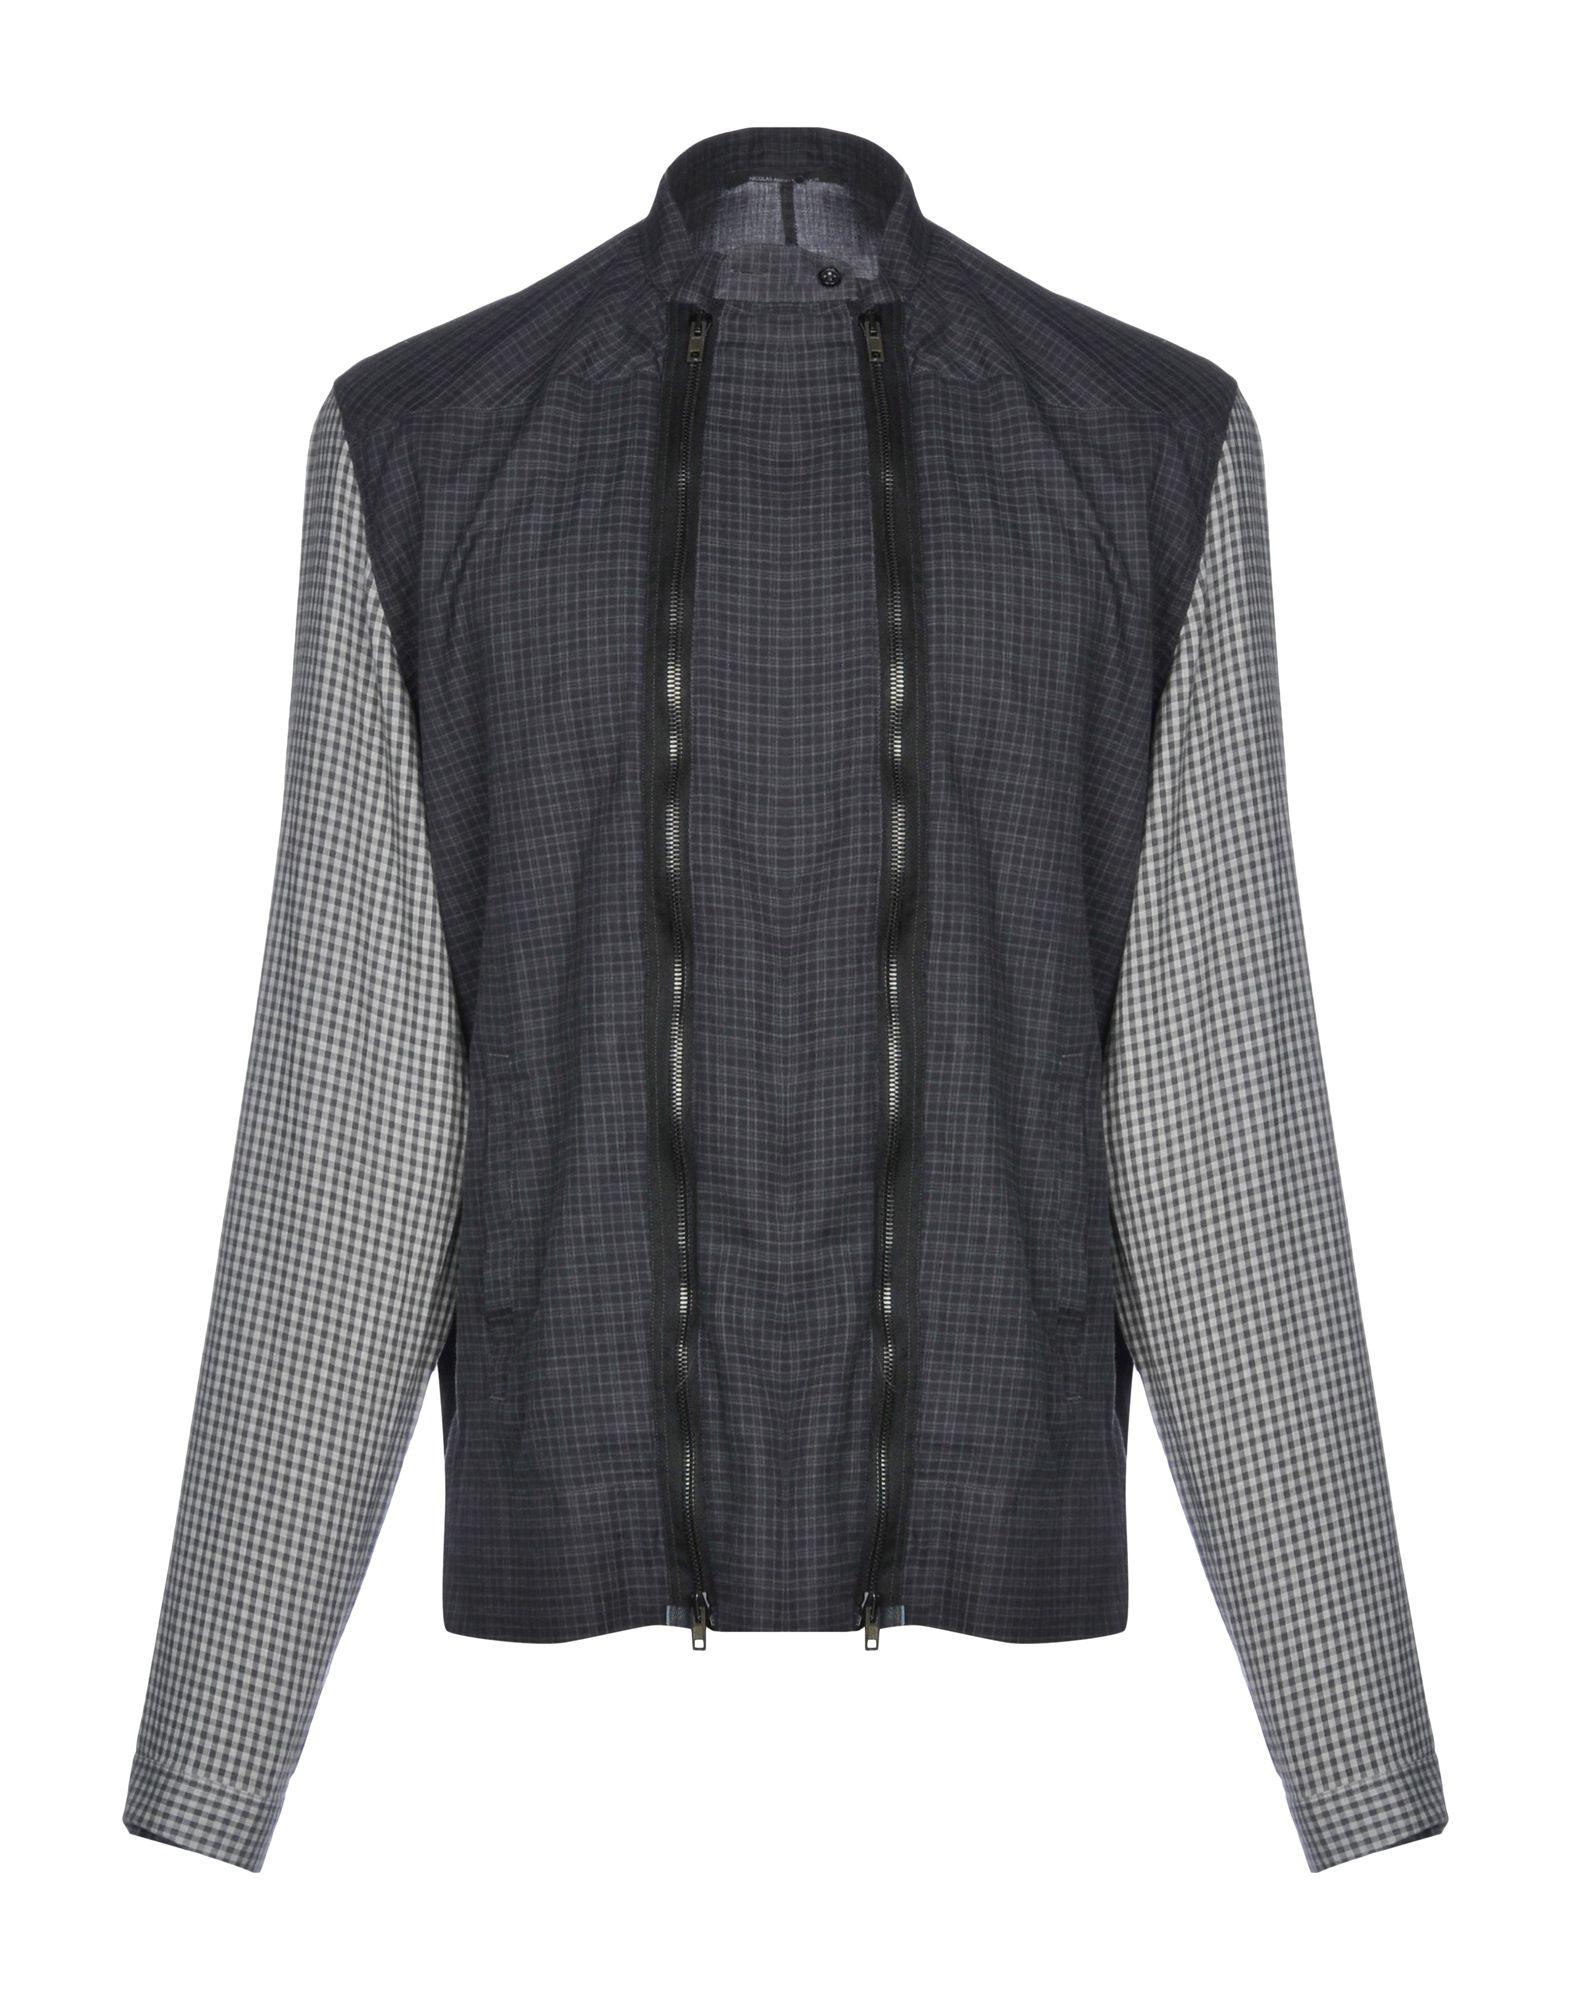 《送料無料》NICOLAS ANDREAS TARALIS メンズ シャツ 鉛色 41 コットン 100%